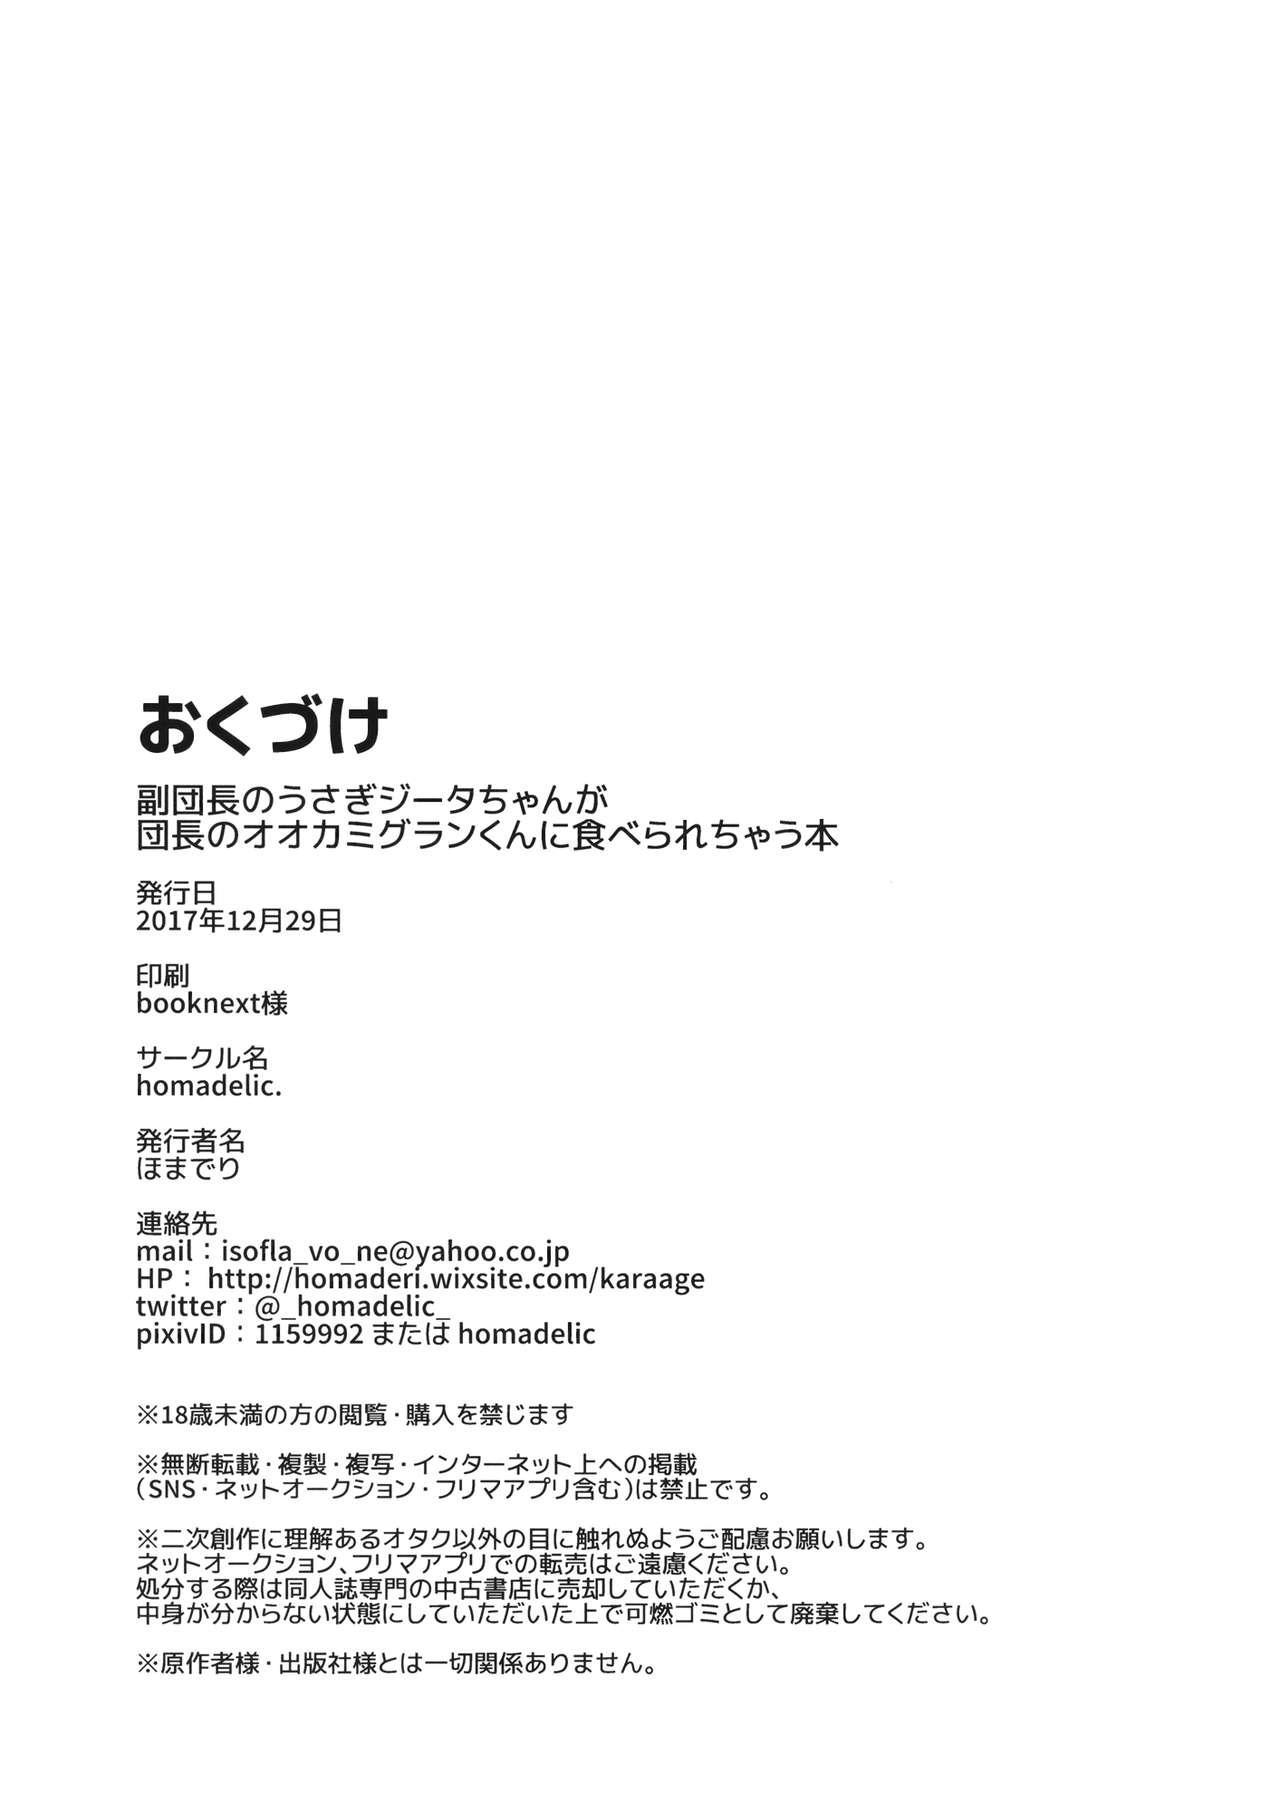 (C93) [homadelic. (Homaderi)] Fukudanchou no Usagi Djeeta-chan ga Danchou no Ookami Gran-kun ni Taberarechau Hon (Granblue Fantasy) 31